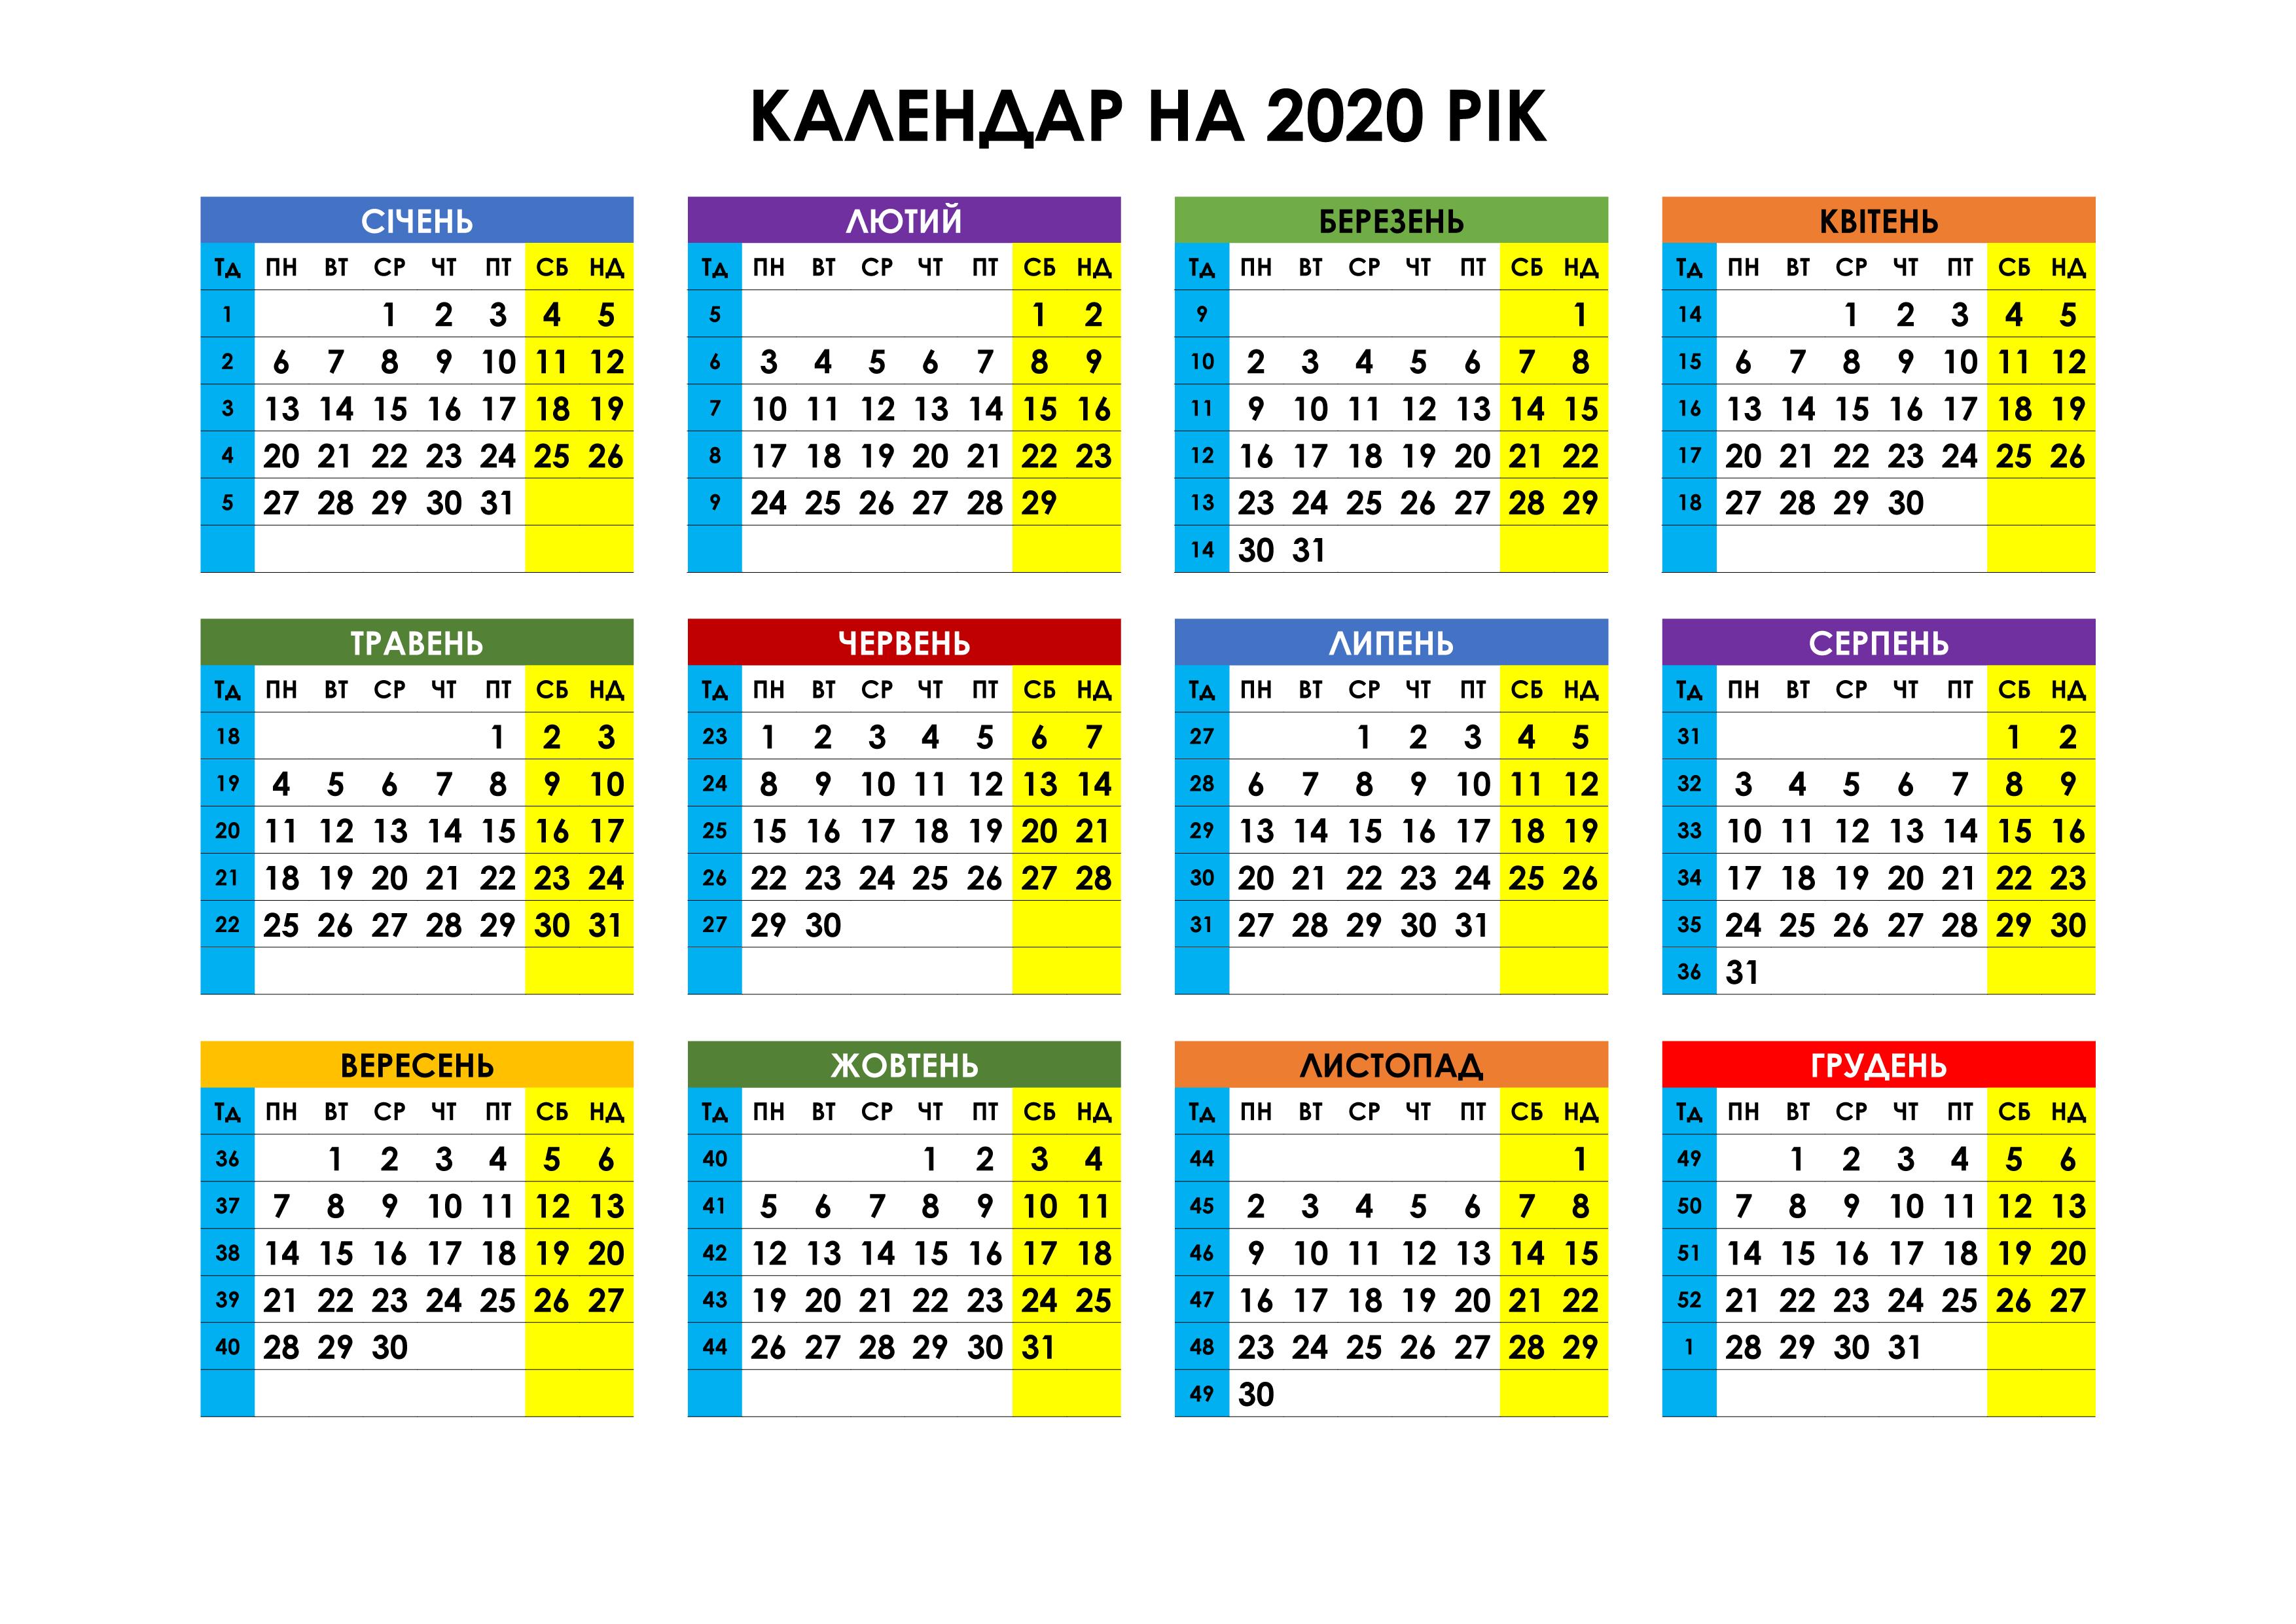 Календар На 2020 Рік – Українські Календарі pertaining to Kalendar Kuda 2020 Pdf